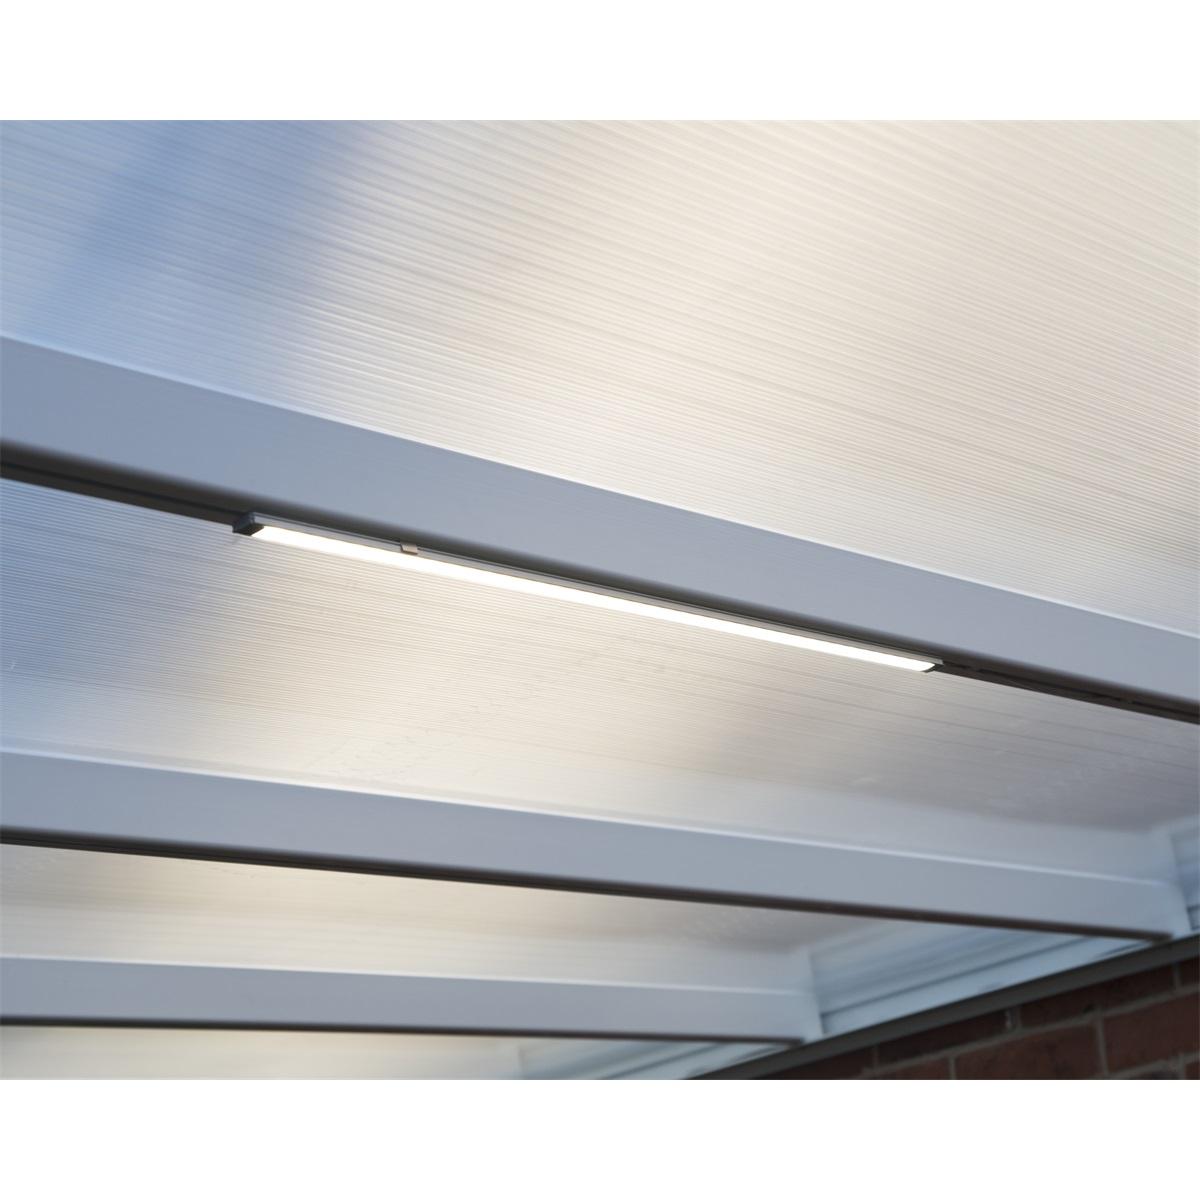 Palram Osvětlovací systém Torino 3 x 4,25